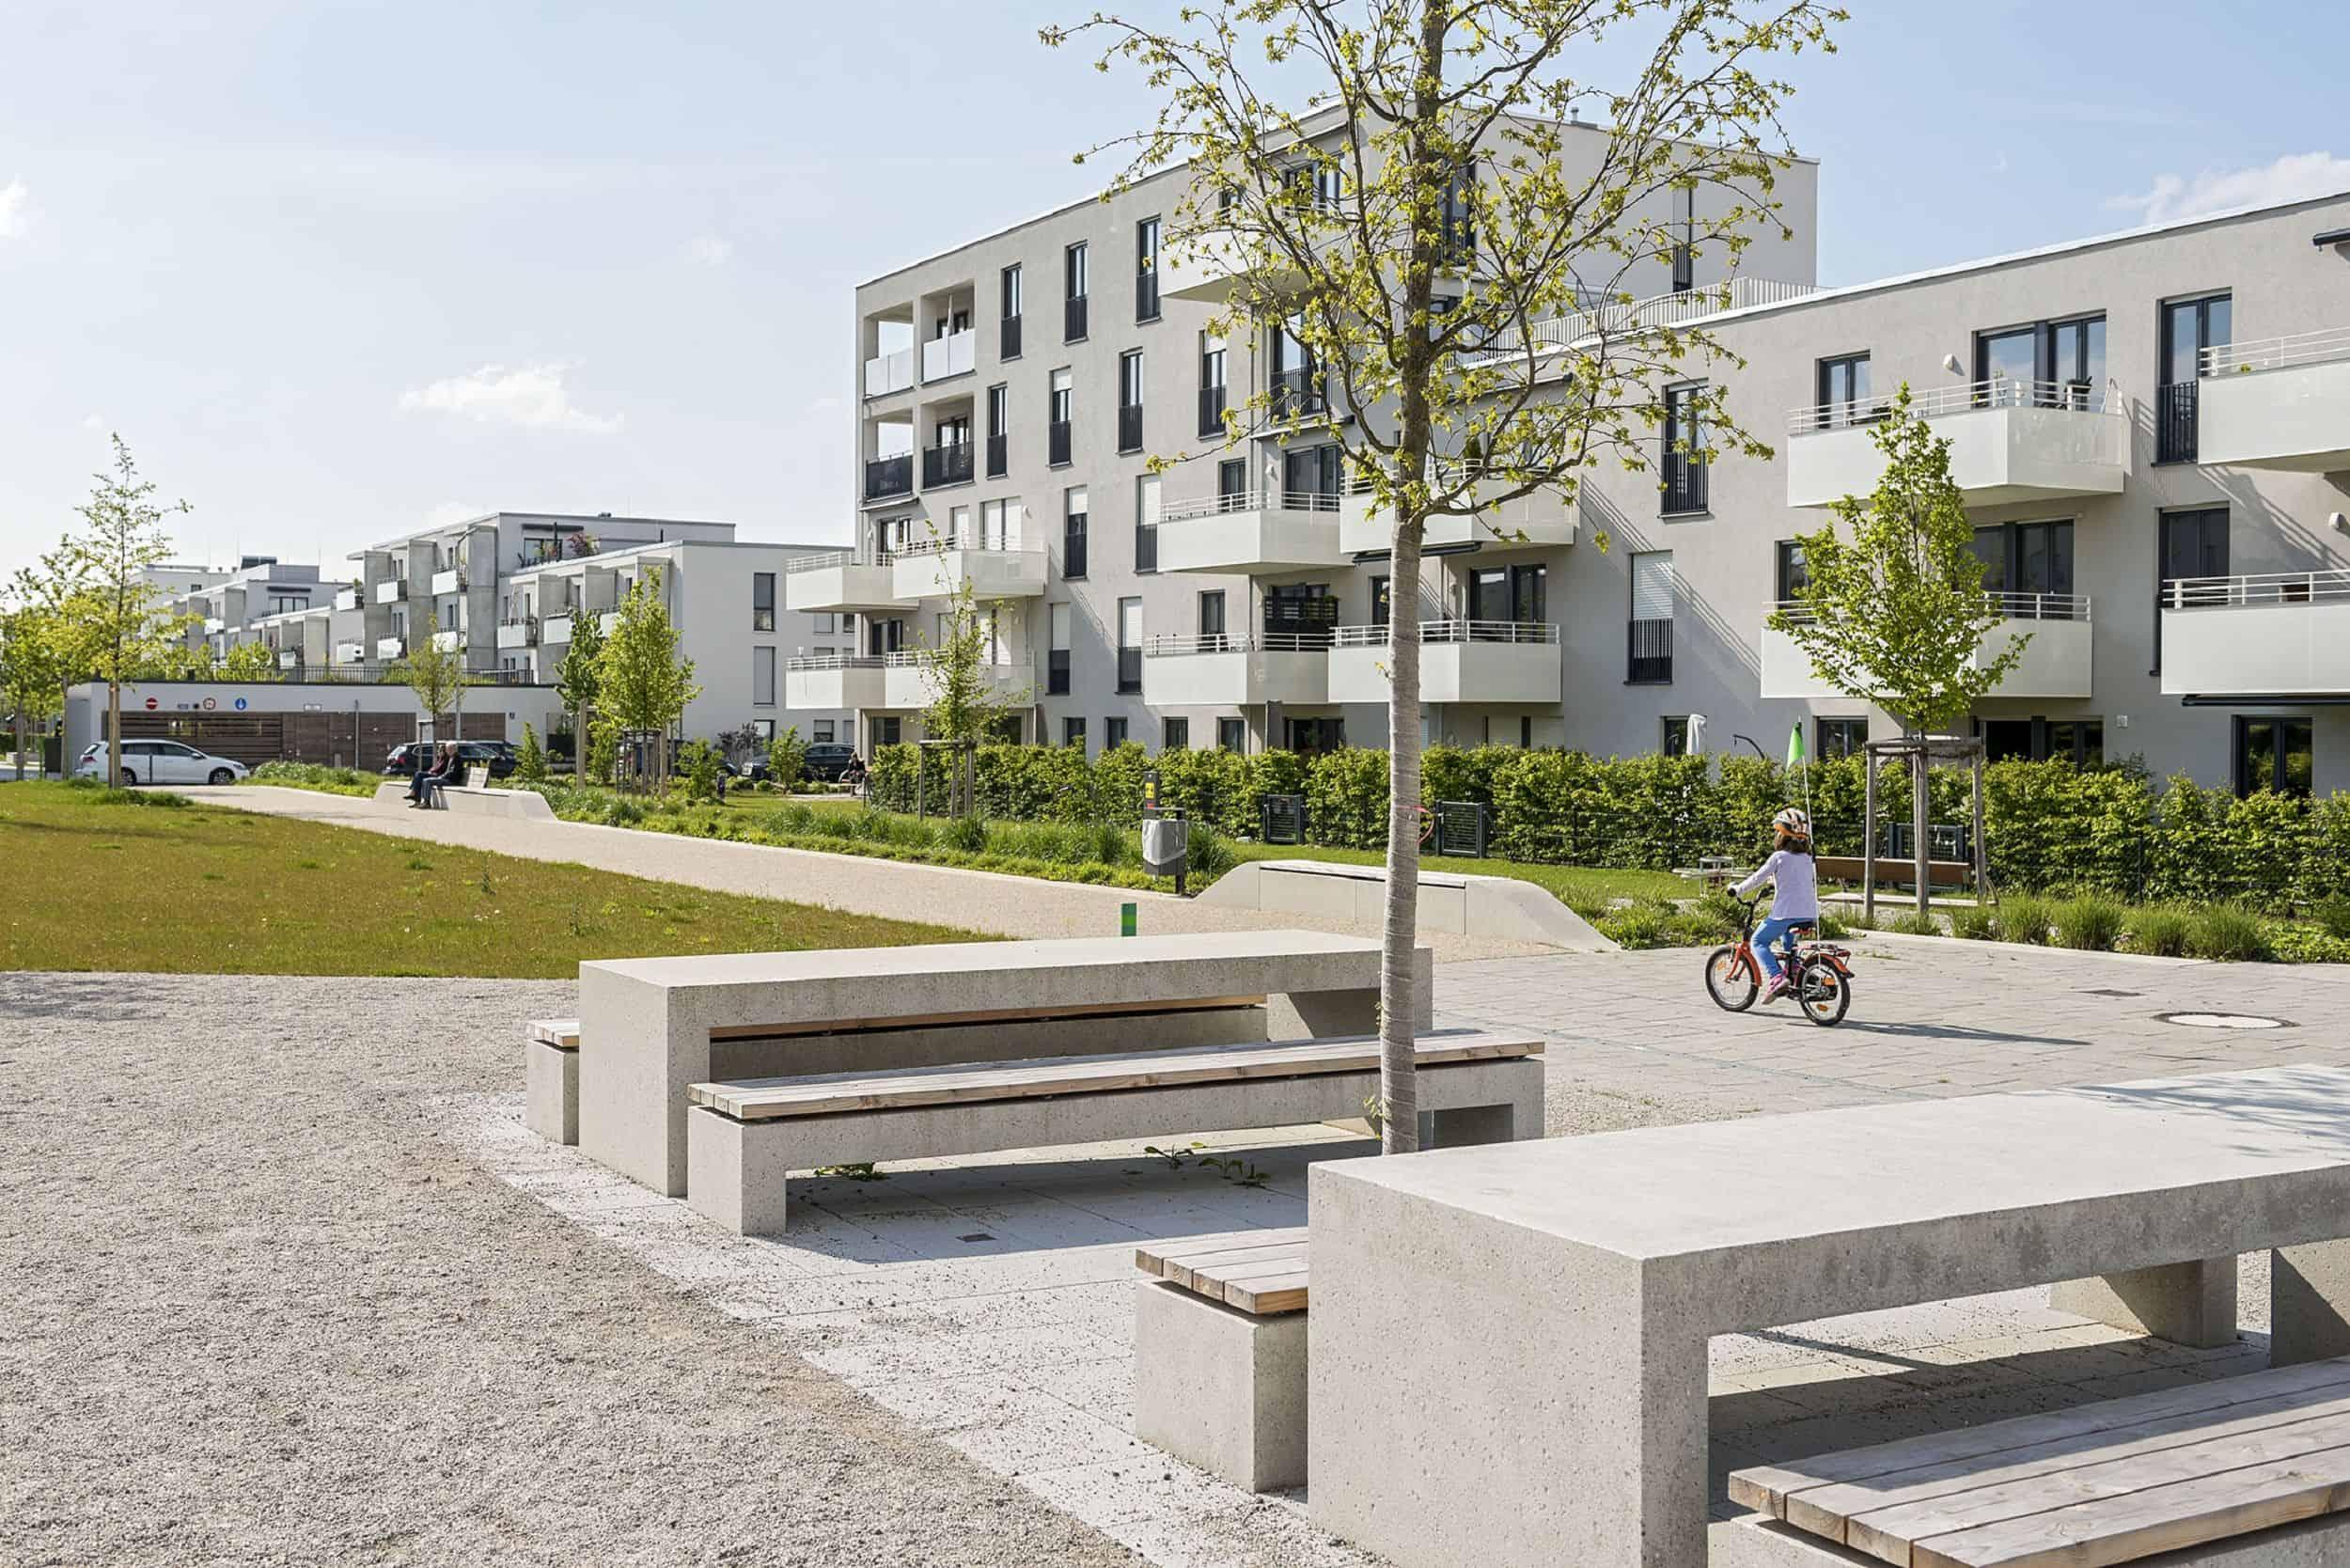 Bild: Treffpunkt im Quartierspark, Foto: Johann Hinrichs Photography